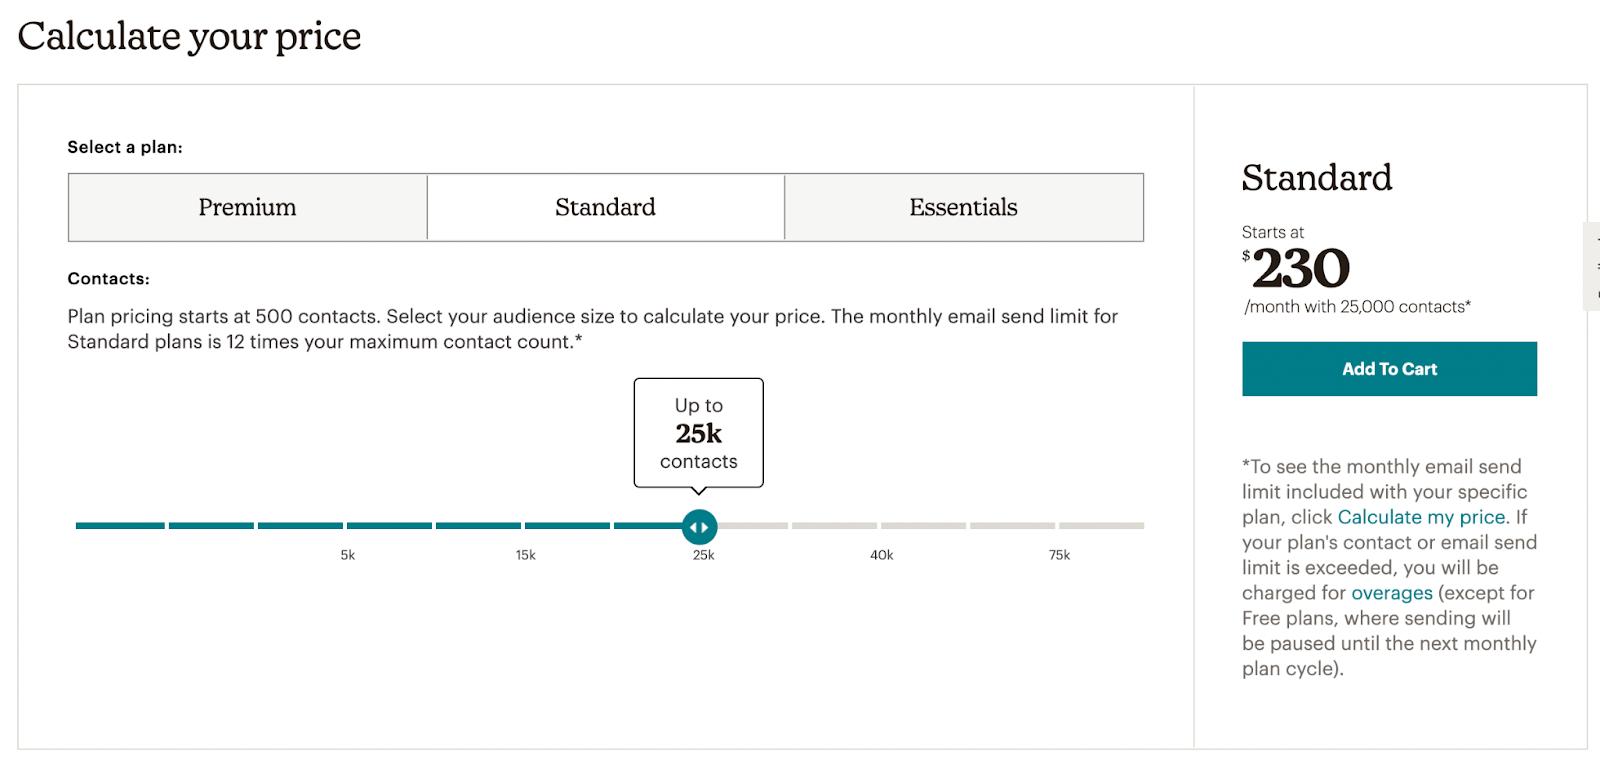 Mailchimp's pricing calculator screenshot